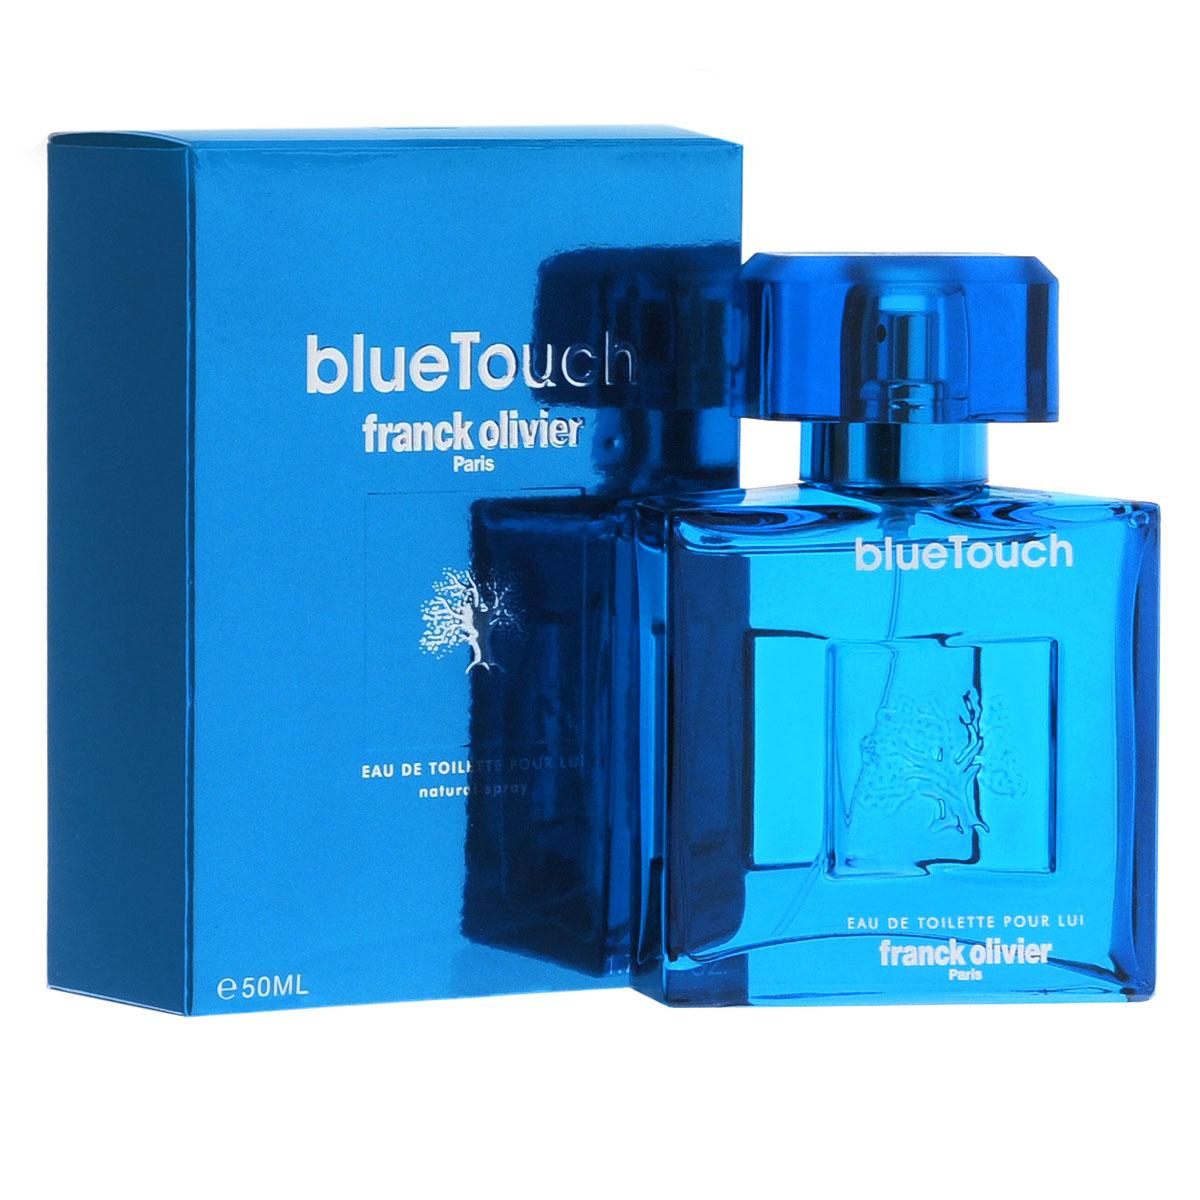 Franck Olivier Туалетная вода Blue Touch, мужская, 50 мл46829Аромат Blue Touch от Franck Olivier был выпущен в 2011 году и является последователем загадочного аромата Black Touch. Blue Touch характеризуется как утонченный, аристократический и изящный, созданный специально для уверенных в себе мужчин, знающих себе цену. С помощью Blue Touch вы подчеркнете изысканность и грациозность своей натуры. Благодаря древесной группе ароматов Blue Touch звучит благородно и безупречно, привнося тем самым в образ своего обладателя королевские черты, подчеркивая его высокий статус. Классификация аромата : древесный, фужерный. Пирамида аромата : Верхние ноты: бергамот, цитрусы, розовый перец, тангерин, зеленые ноты. Ноты сердца: гальбанум, ветивер, шалфей, древесные ноты, дыня, пачули. Ноты шлейфа: амбра, мускус, дубовый мох. Ключевые слова Утонченный, изящный, грациозный! Туалетная вода -...